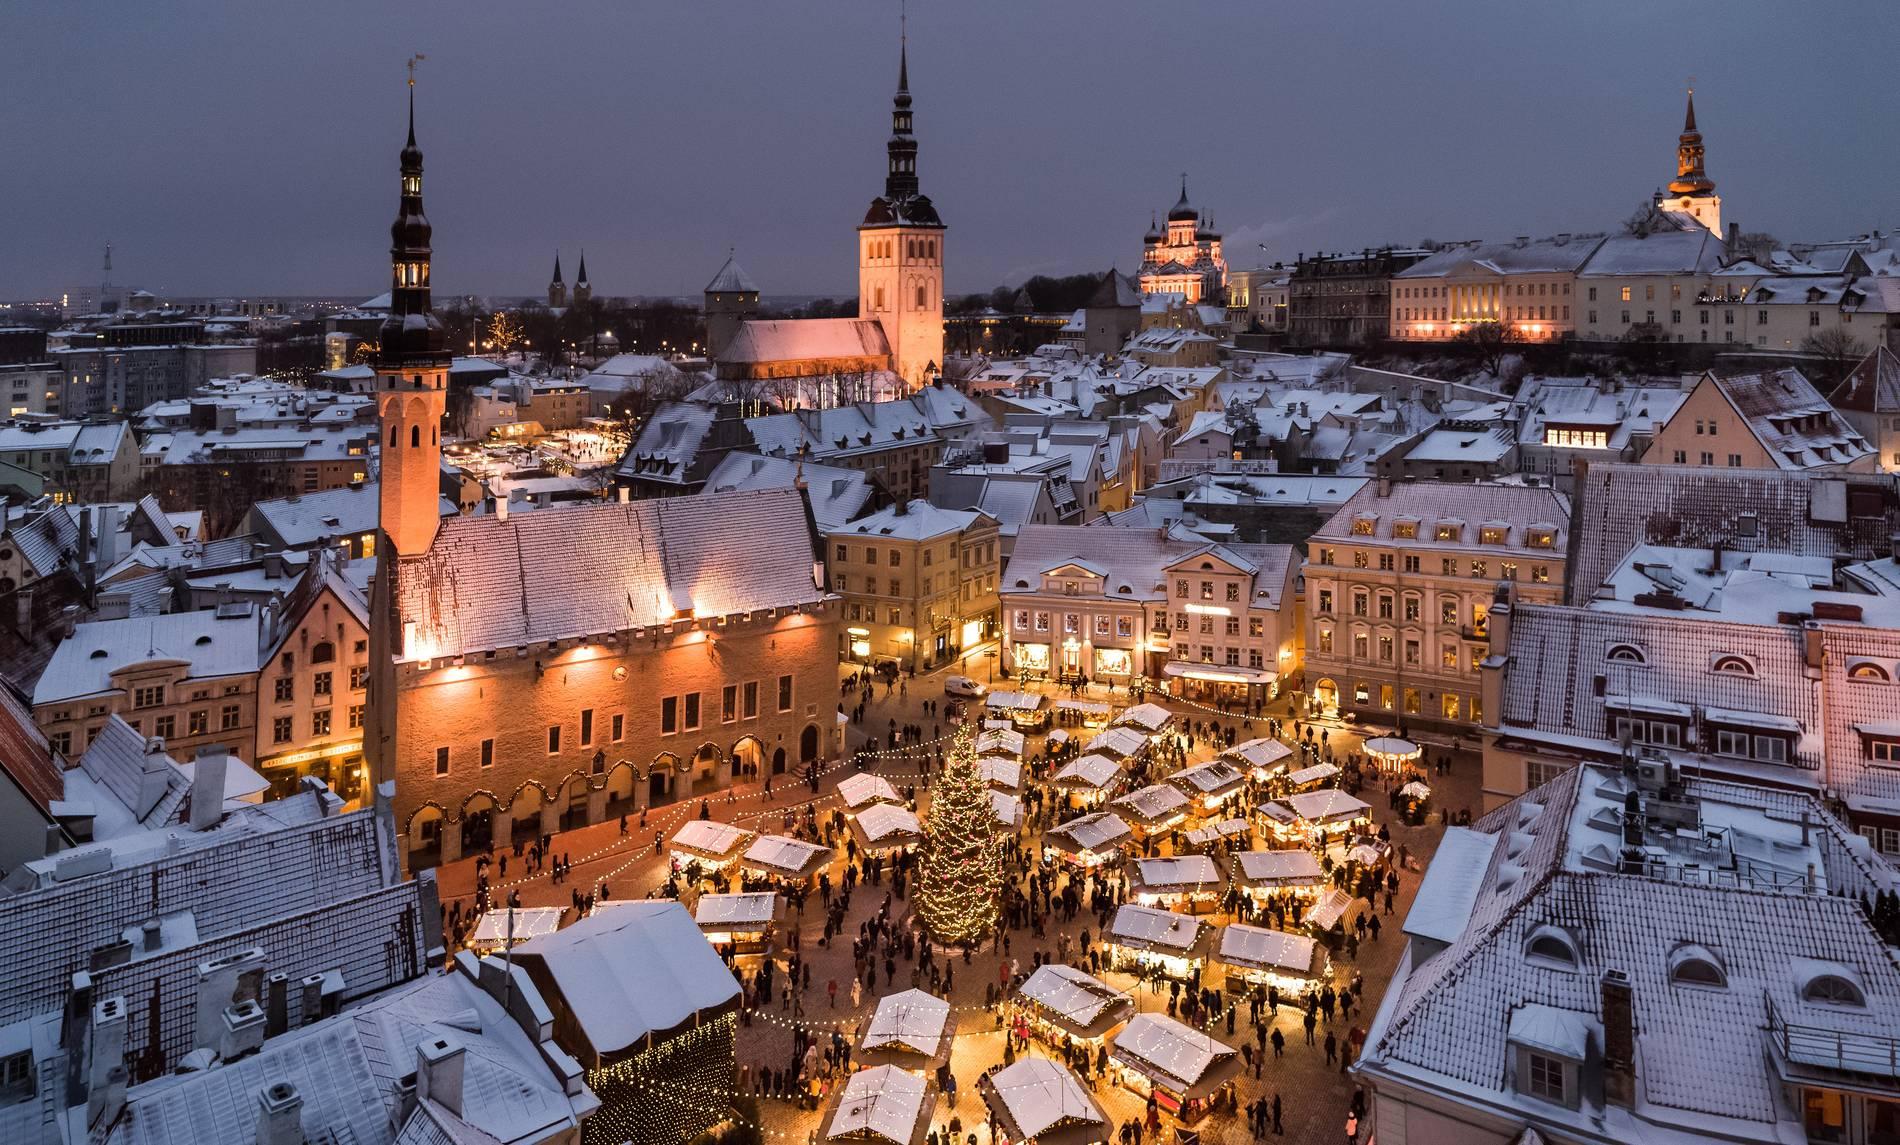 Tallinn Christmas Market in Estonia